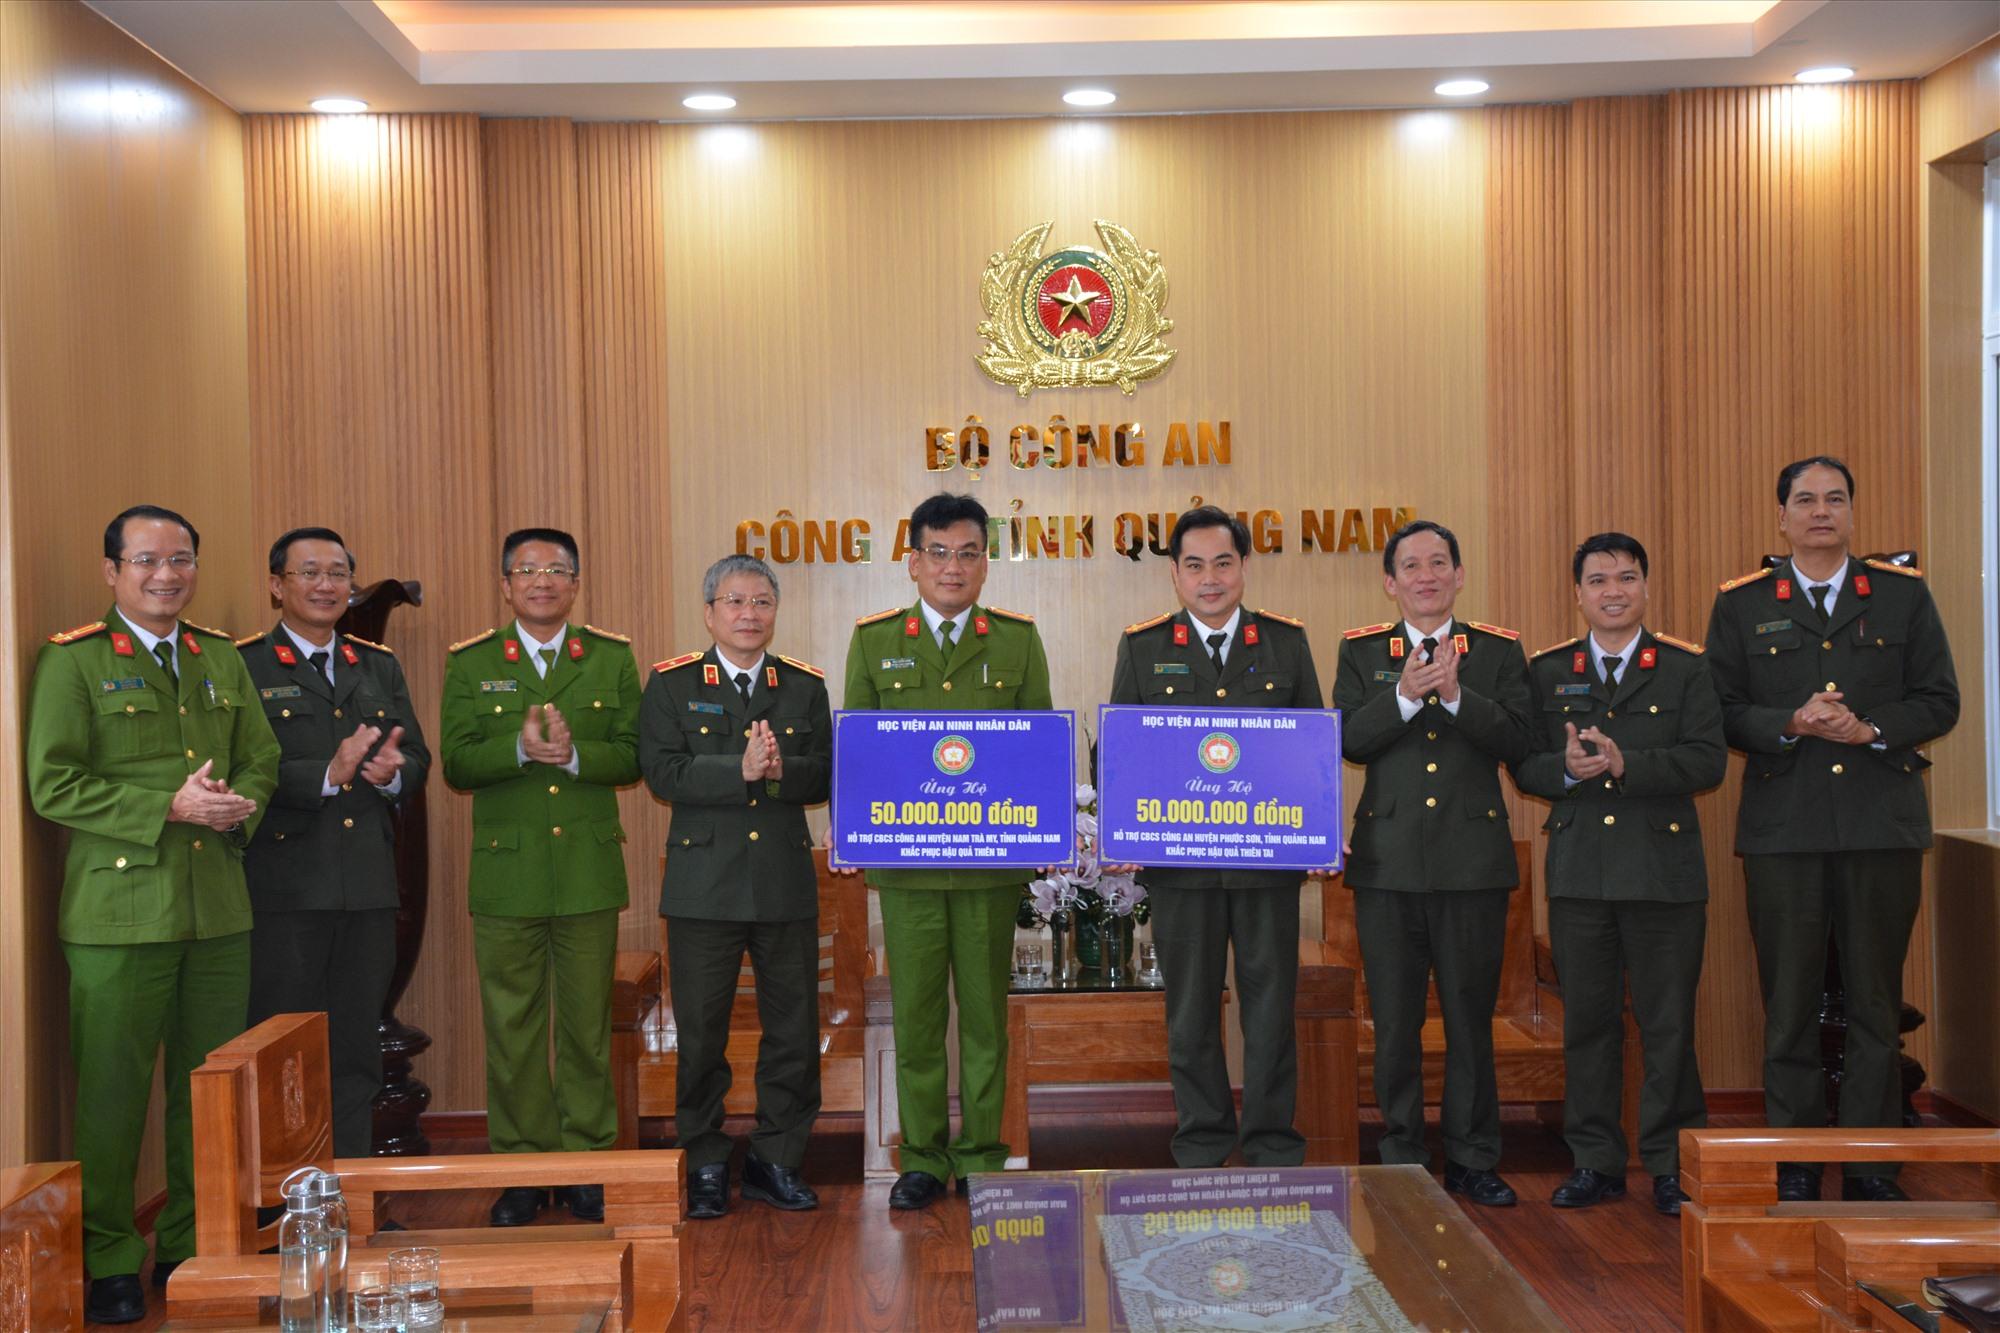 Học viện ANND trao tặng 100 triệu đồng cho Công an 2 huyện Nam Trà My và Phước Sơn khắc phục hậu quả thiên tai, mưa bão. Ảnh: M.T